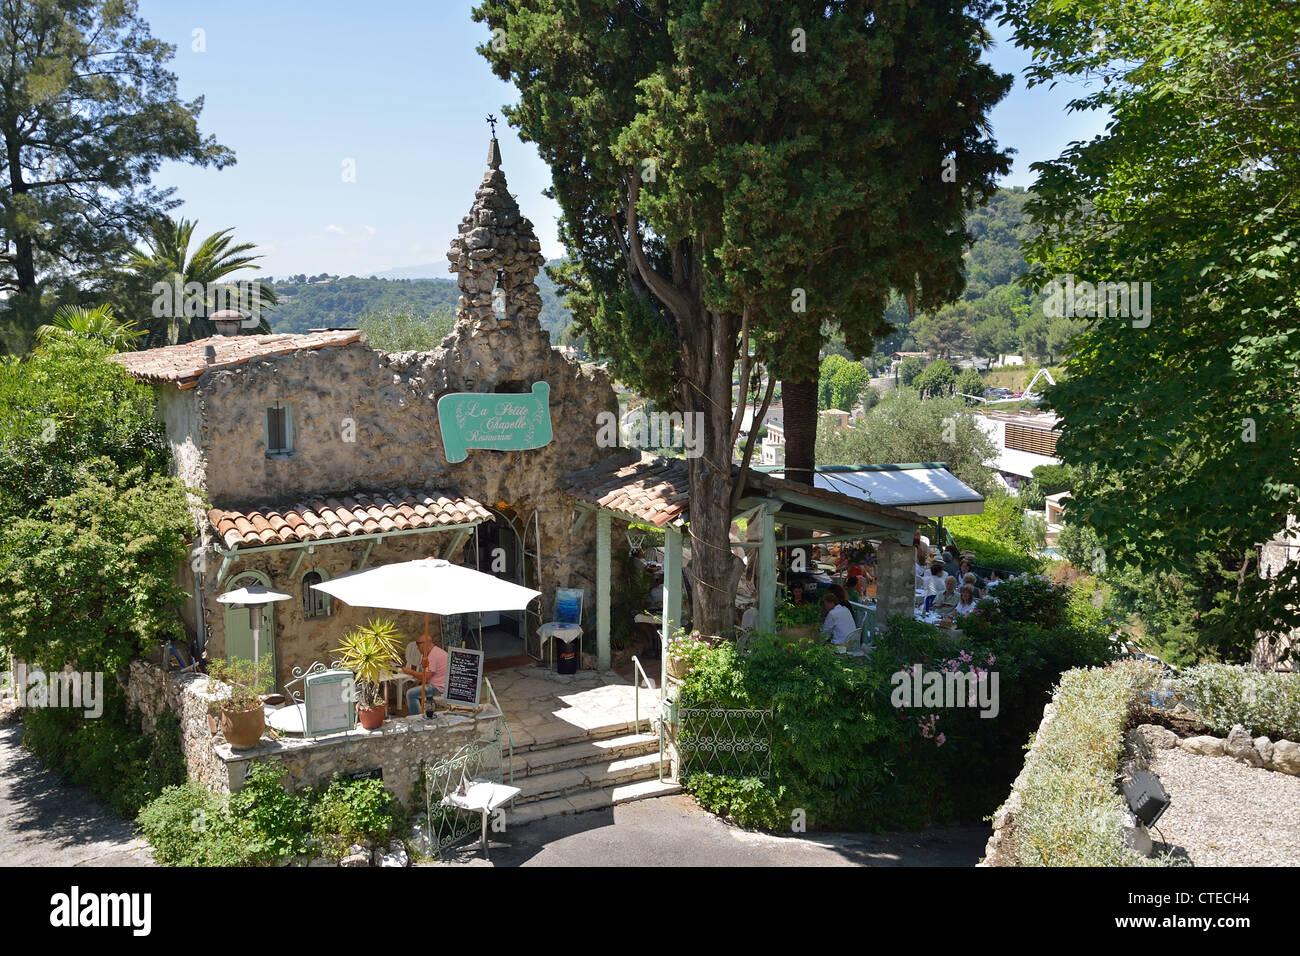 la petite chapelle restaurant saint paul de vence c te d 39 azur stock photo 49489696 alamy. Black Bedroom Furniture Sets. Home Design Ideas